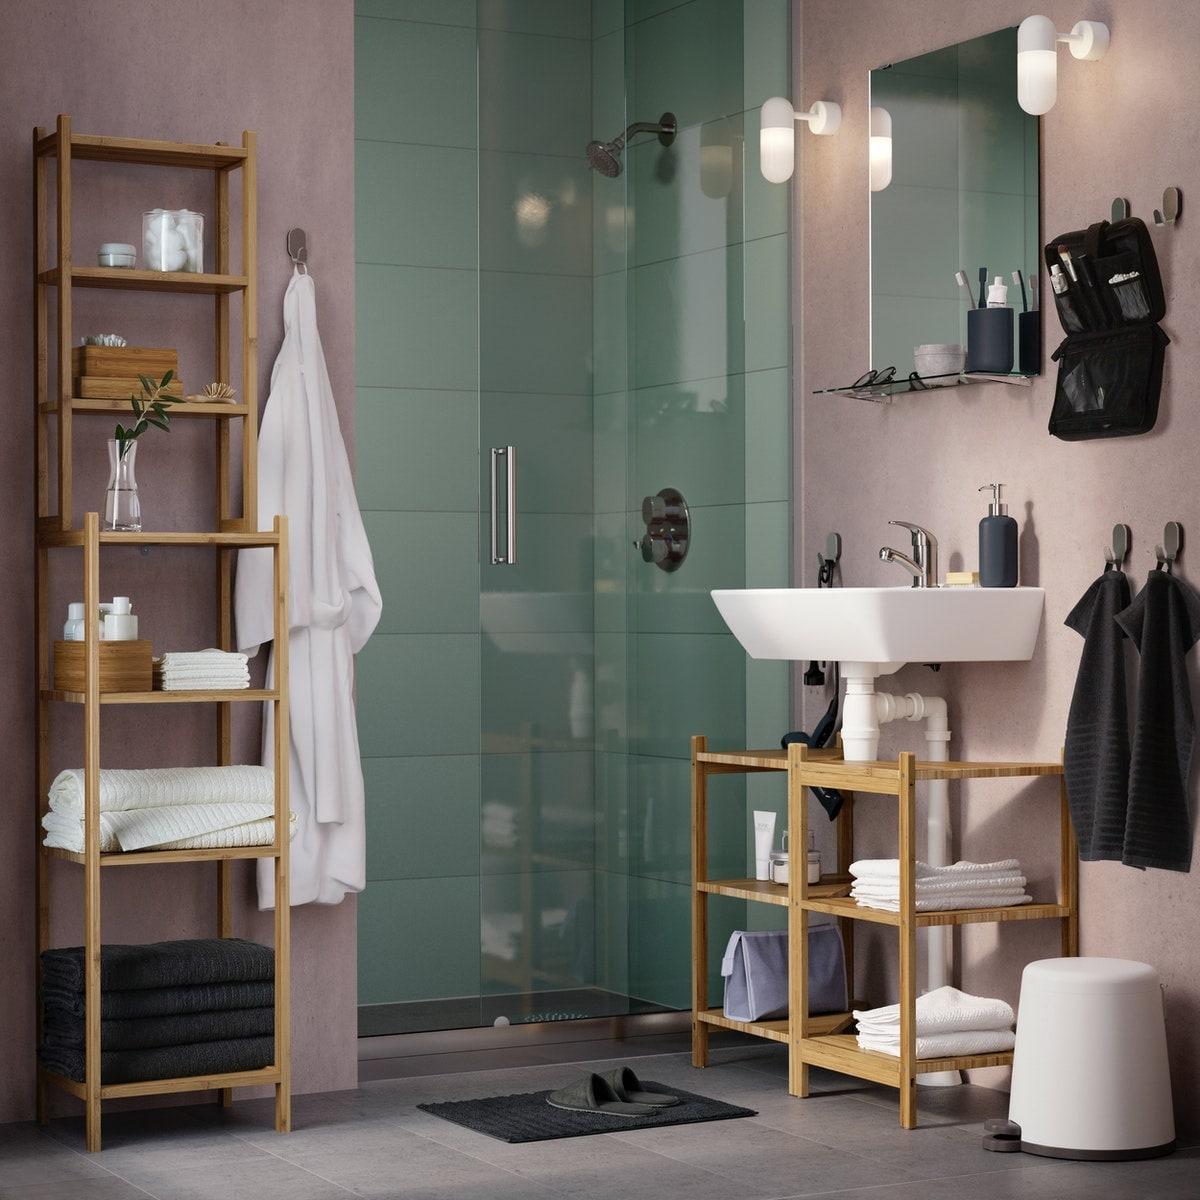 salle-de-bain-rose-meuble-bambou